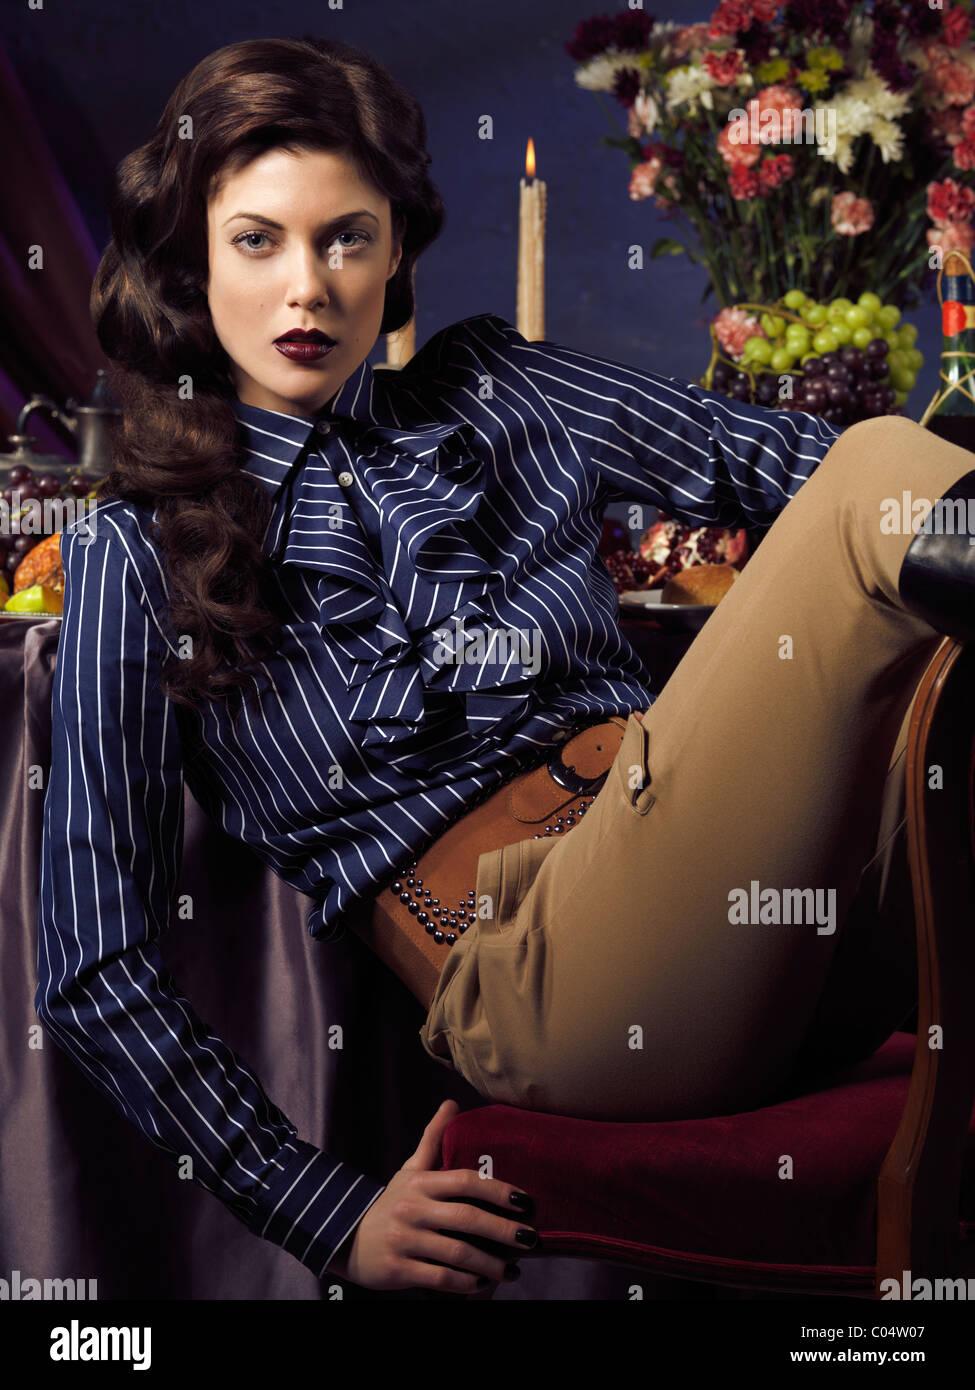 Künstlerische High-Fashion Foto einer schönen Frau sitzt an einem festlich gedeckten Tisch Stockbild